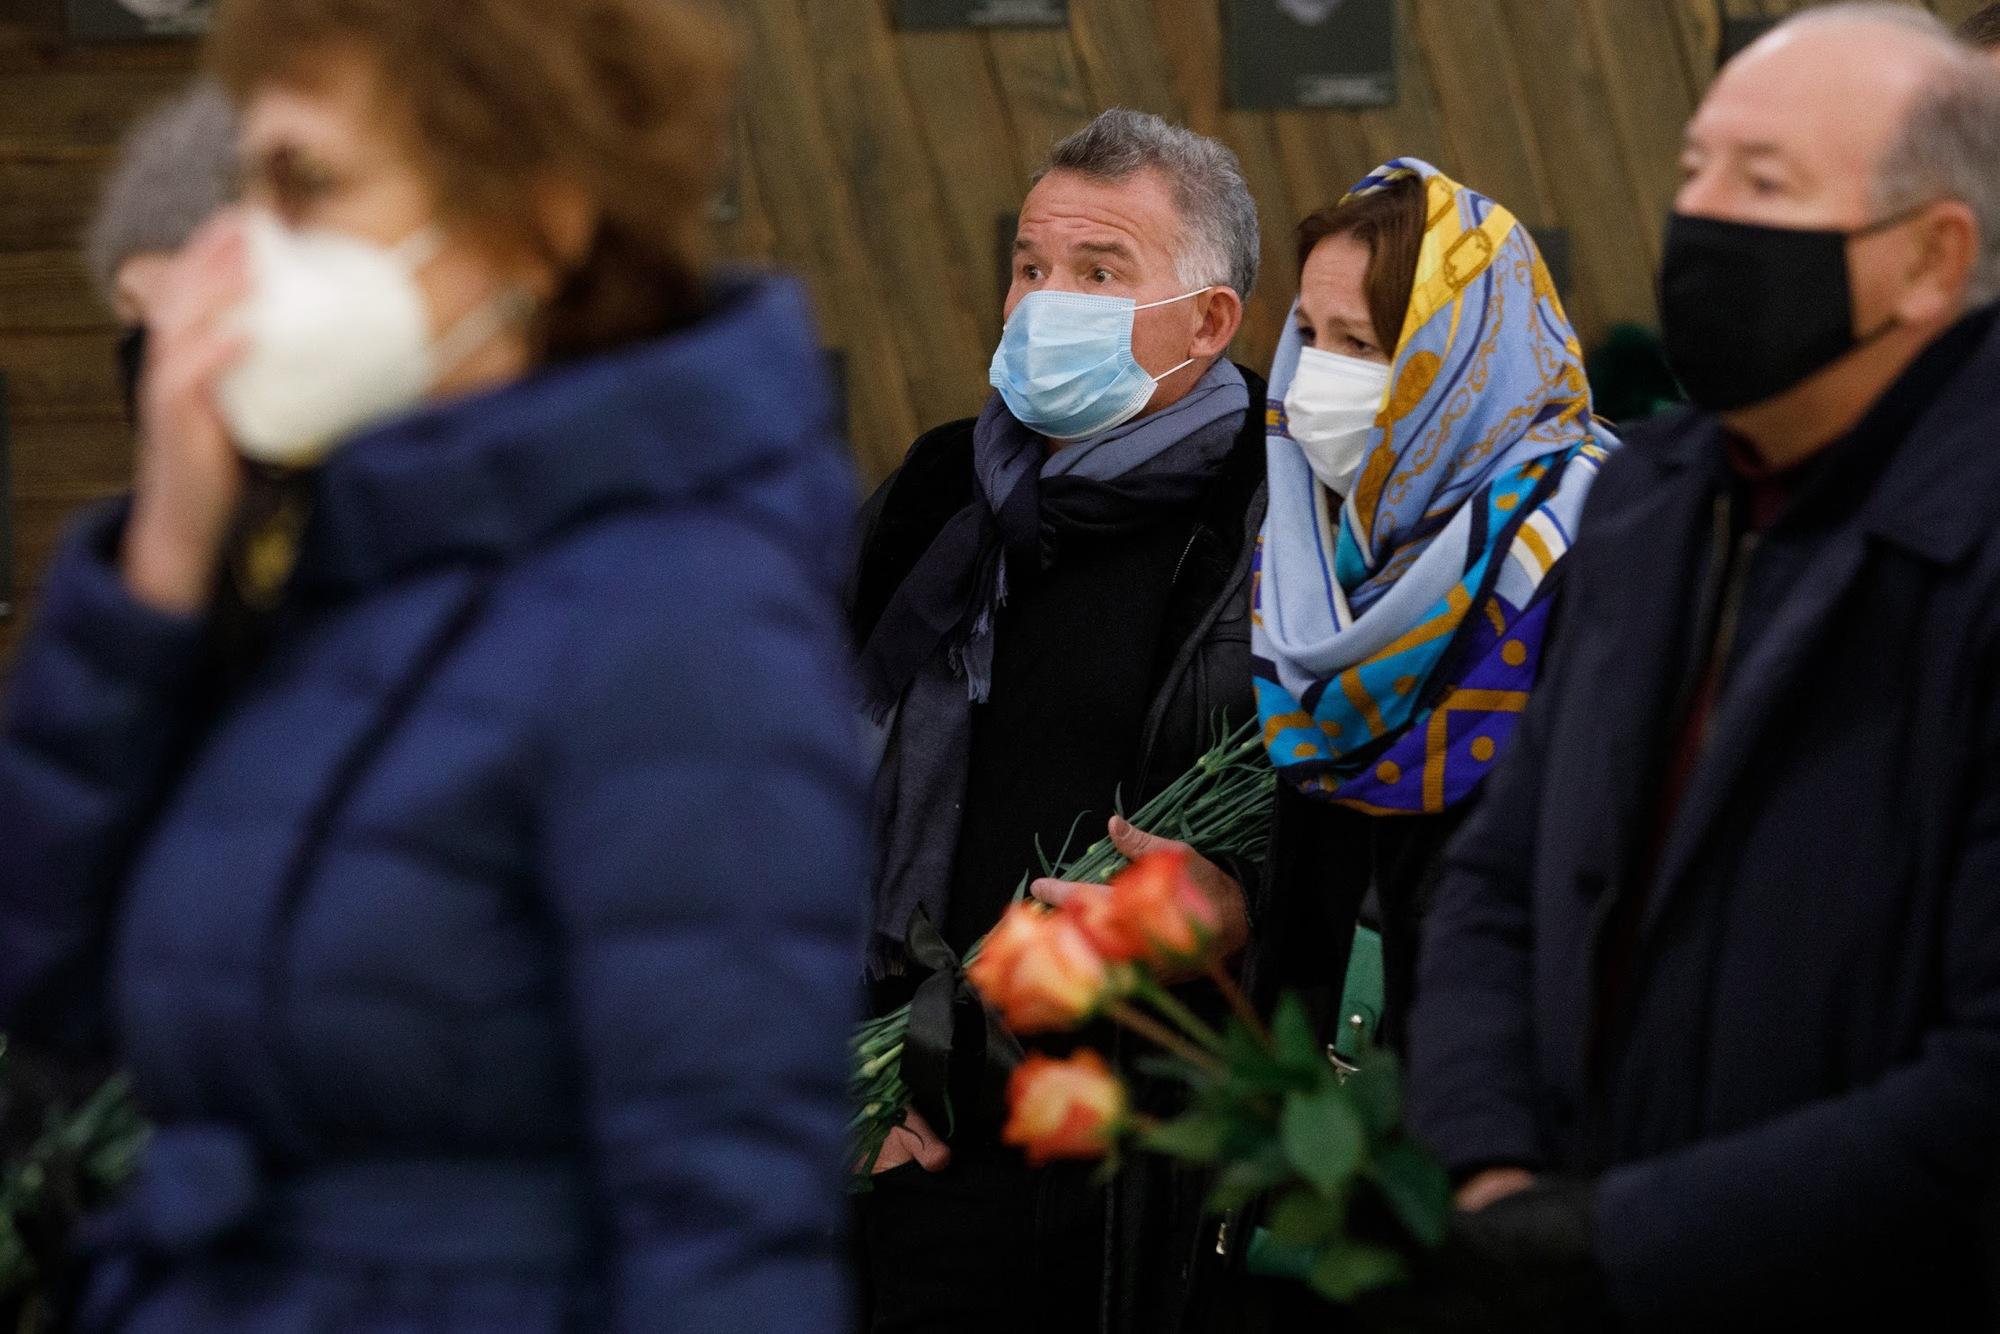 На прощание пришел и бывший вице-мэр Екатеринбурга Владимир Тунгусов, который после ухода из политики редко показывается на публике